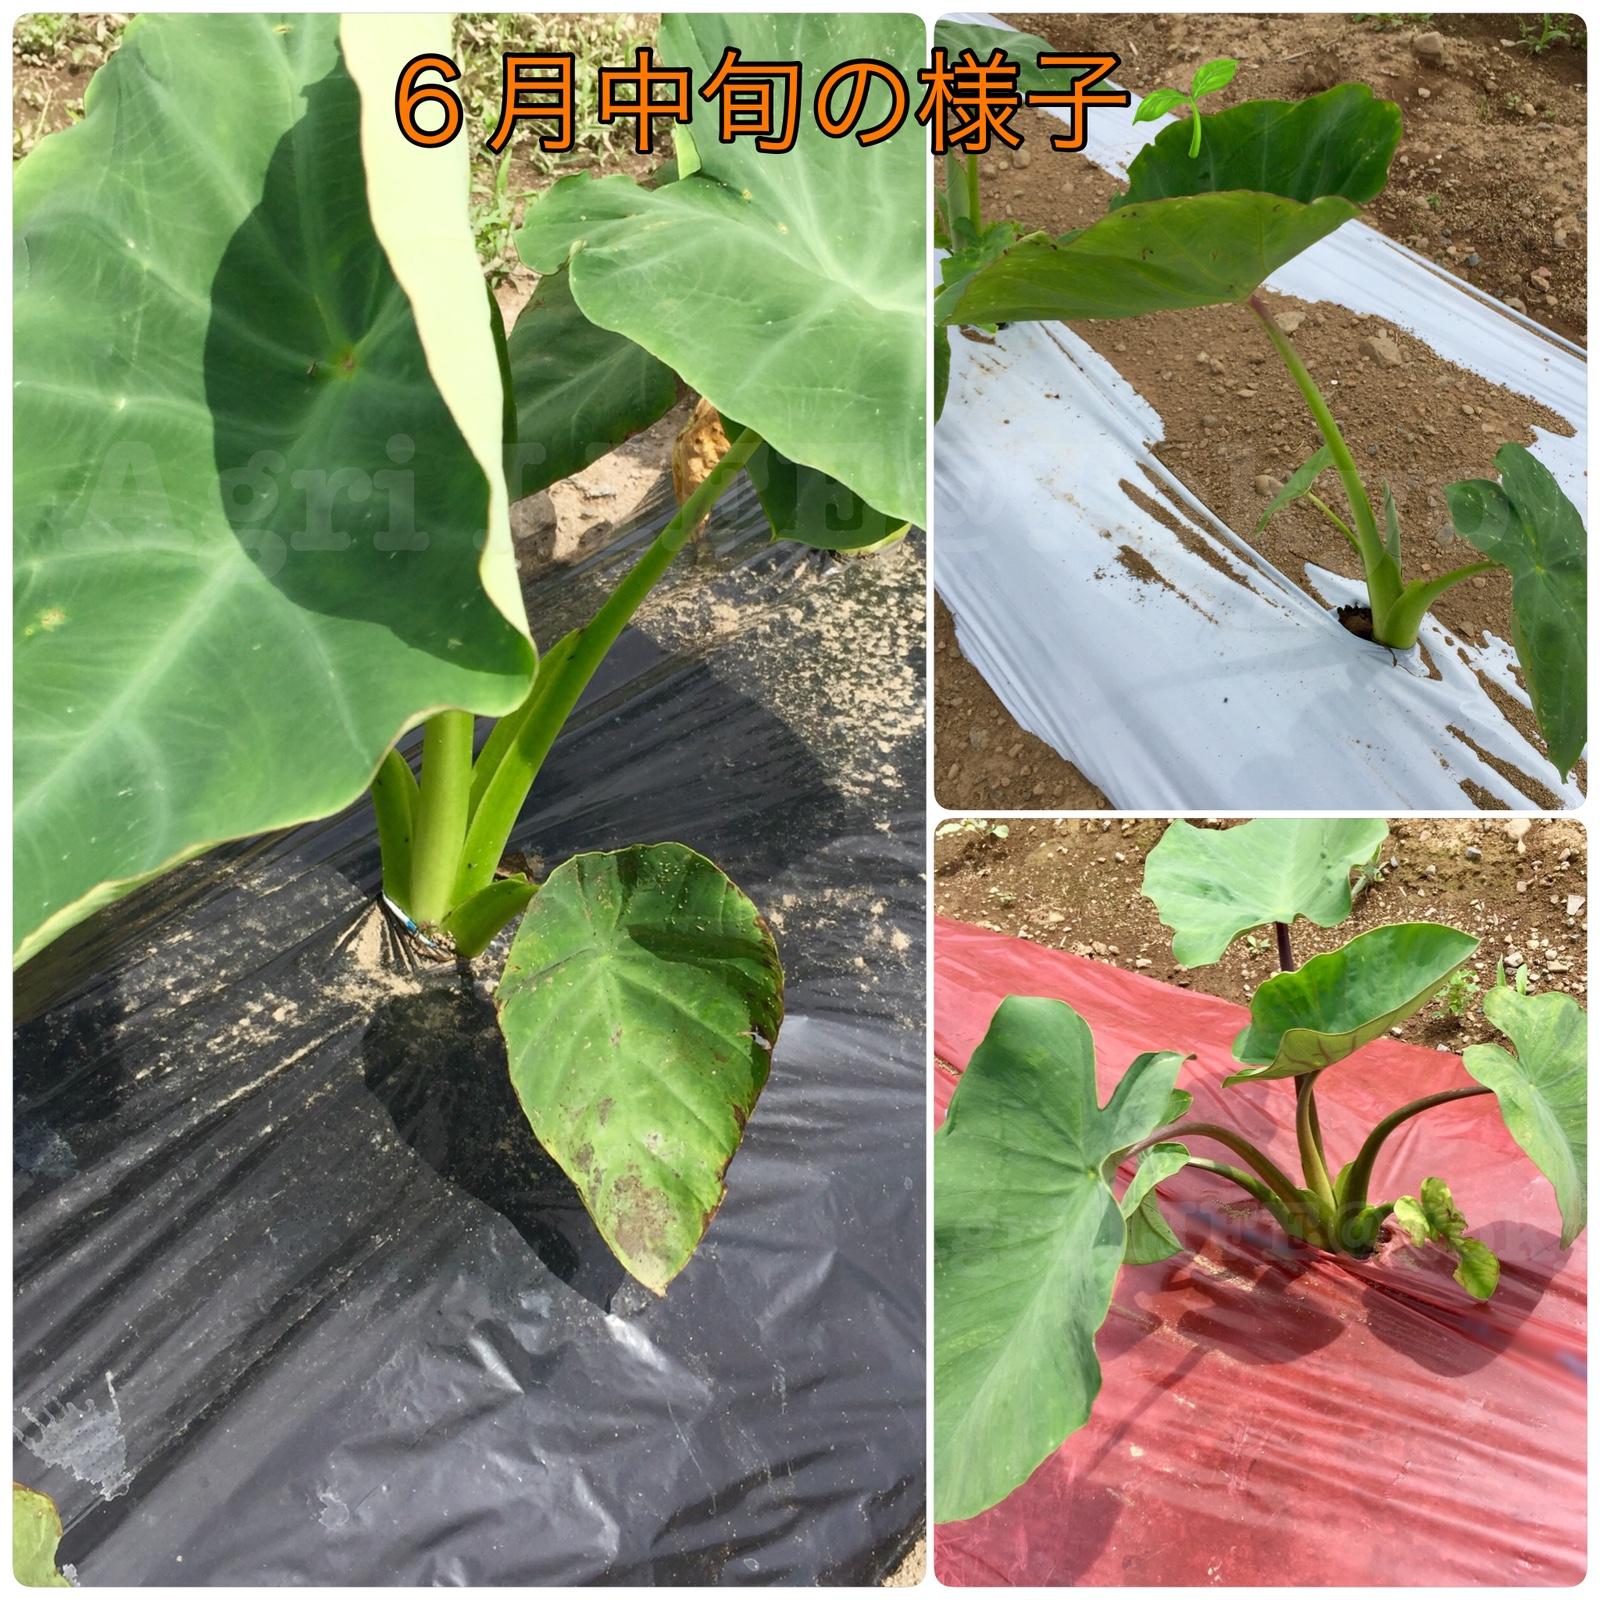 サトイモ栽培(白・黒・透明マルチシート)